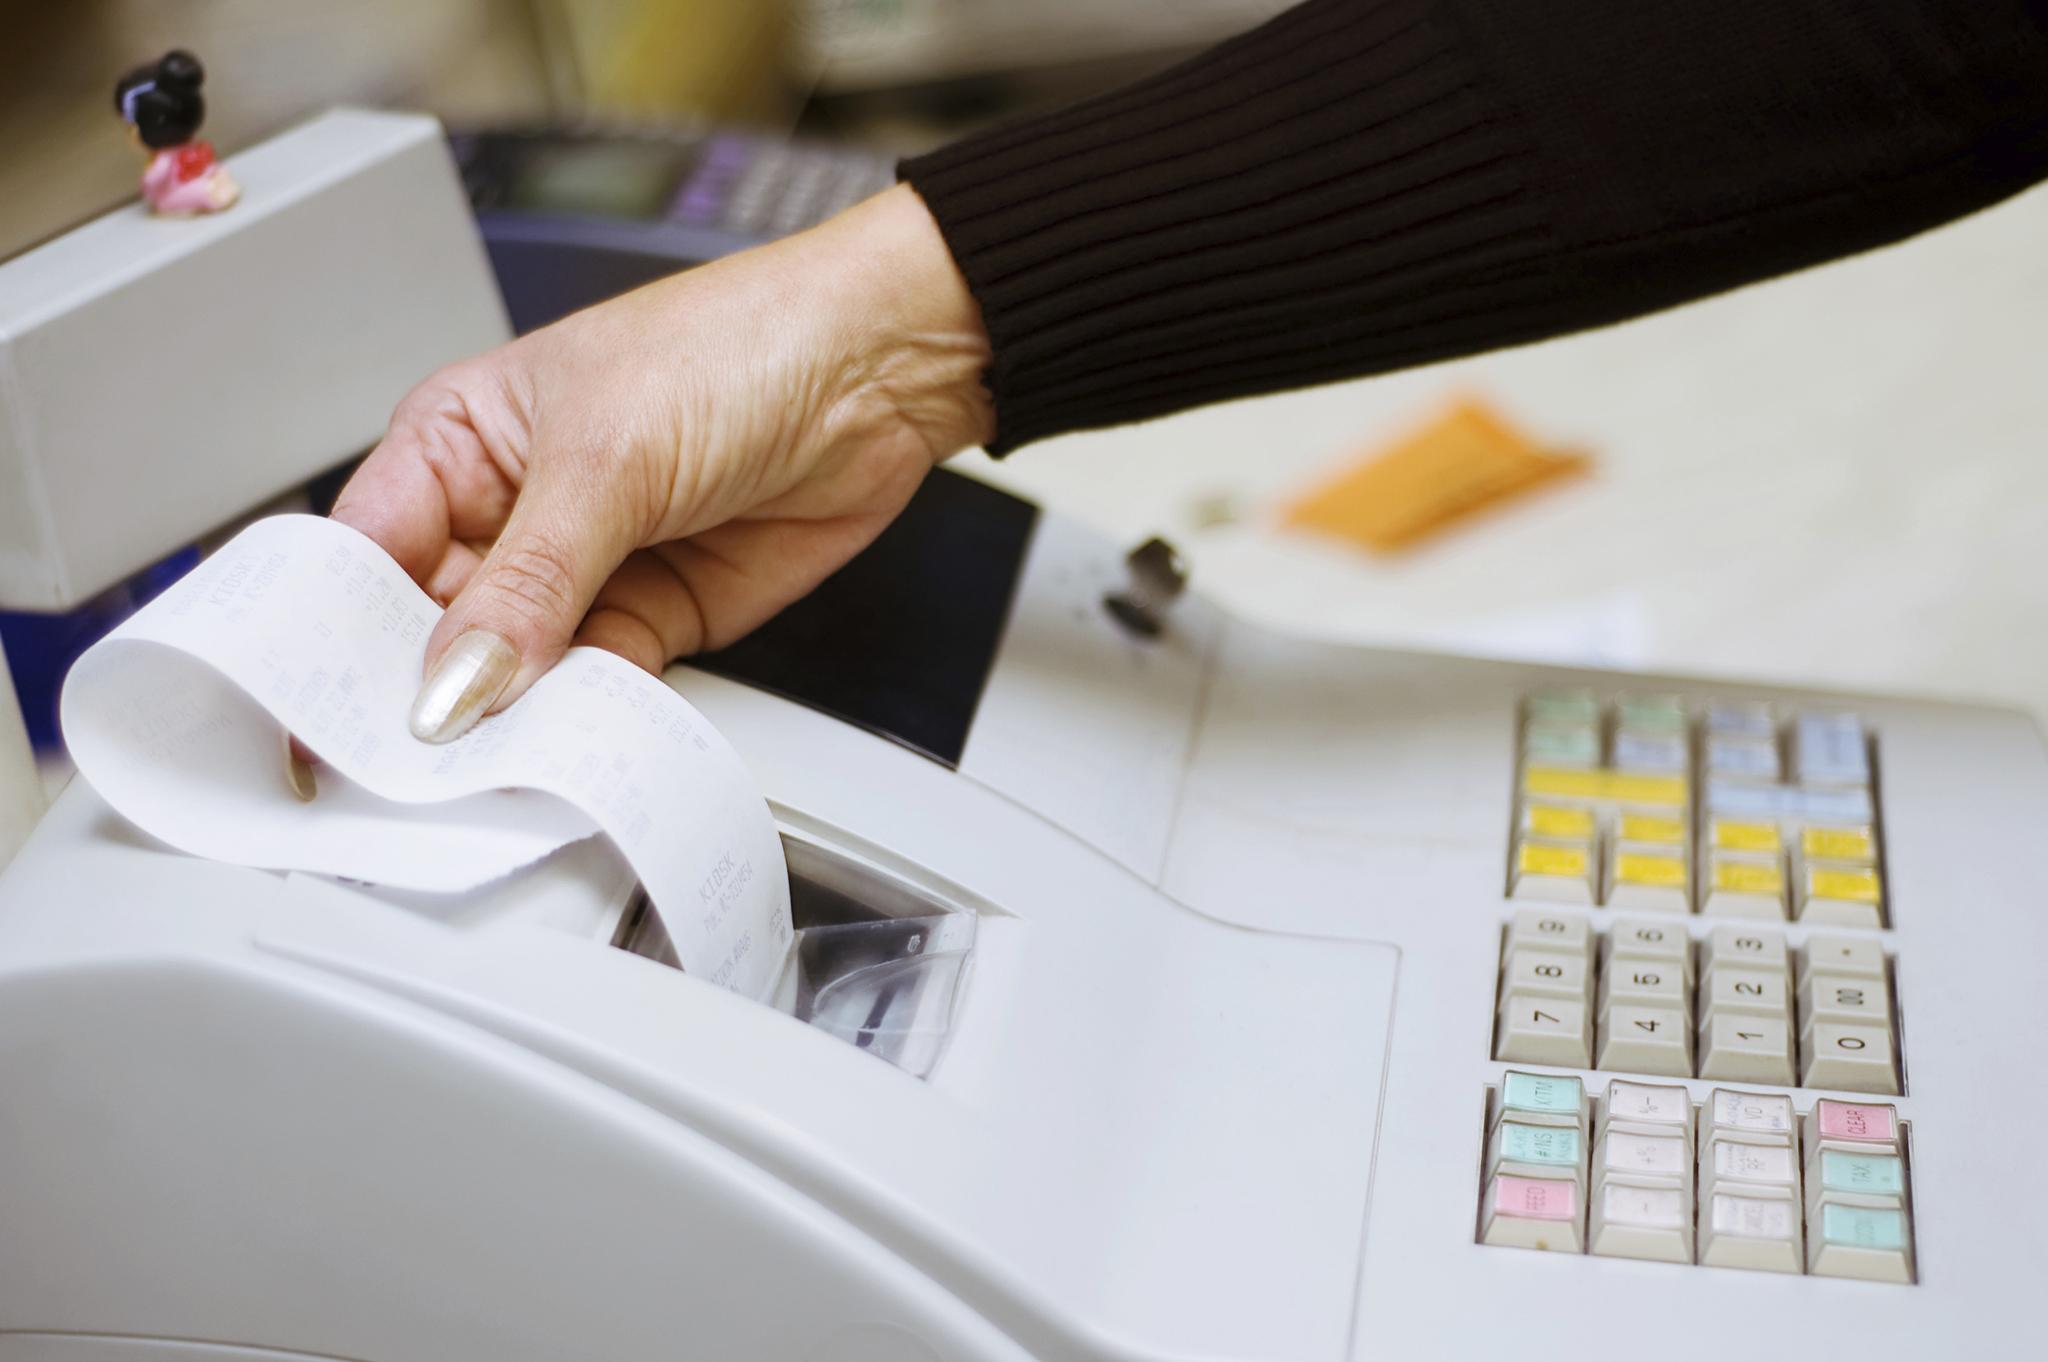 Banco Chinês de Macau   Governo autoriza sucursal em Cantão